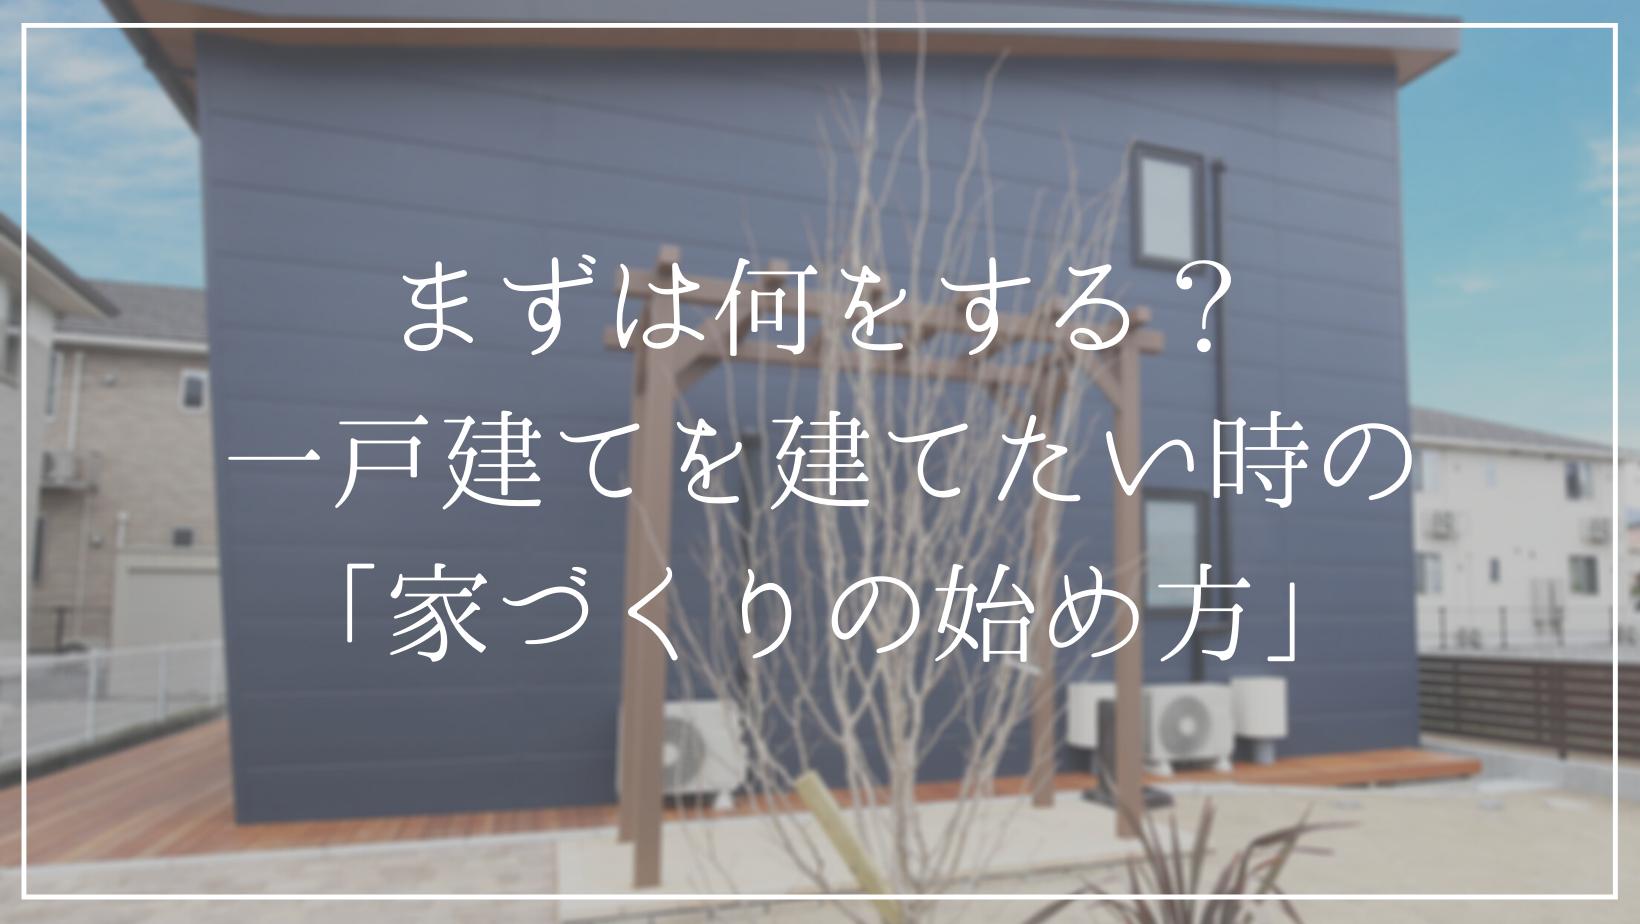 まずは何をする?一戸建てを建てたい時の「家づくりの始め方」